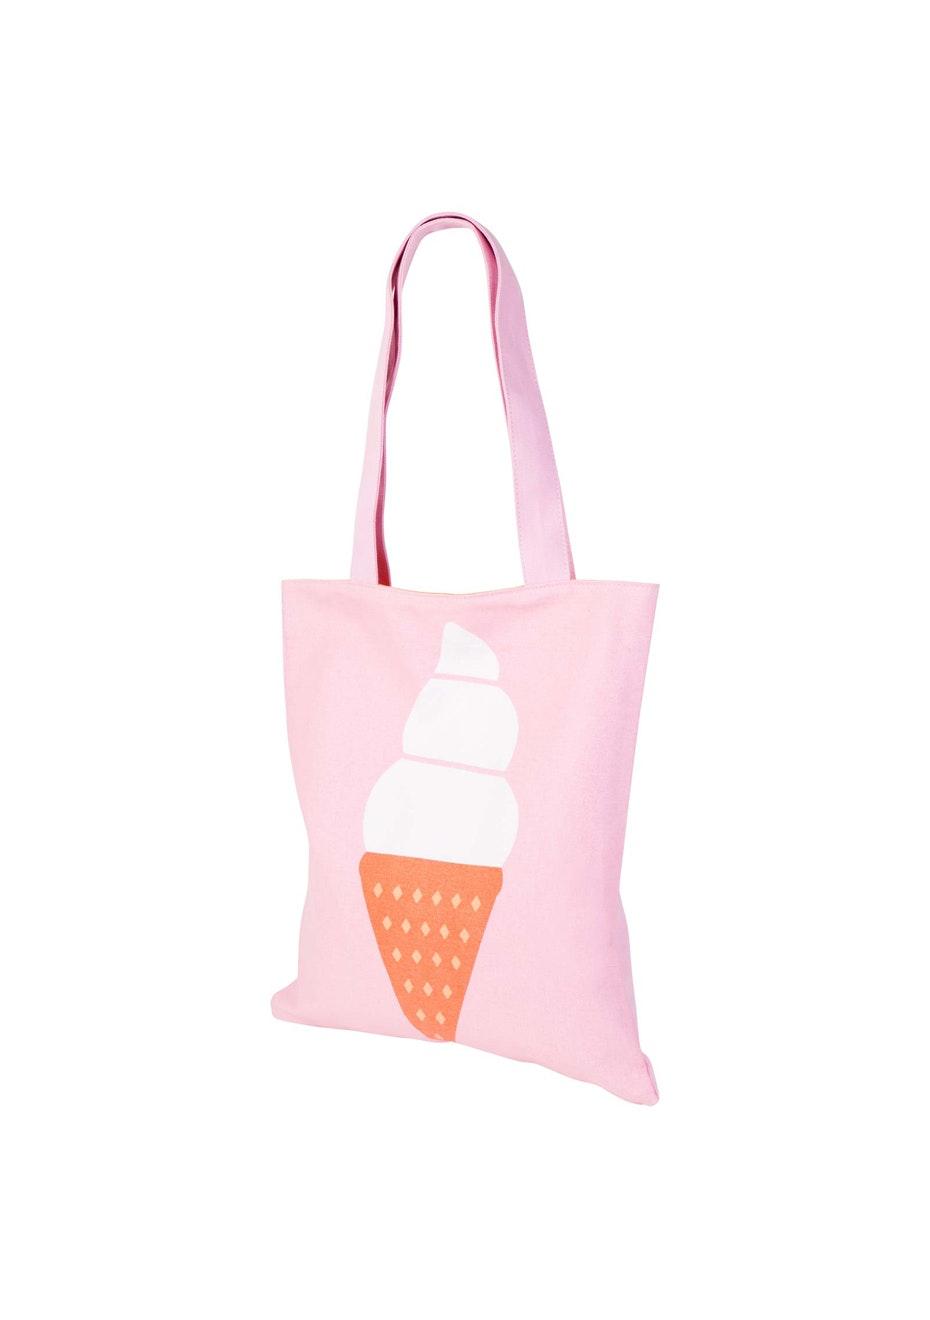 Sunnylife - Tote Bag Ice Cream